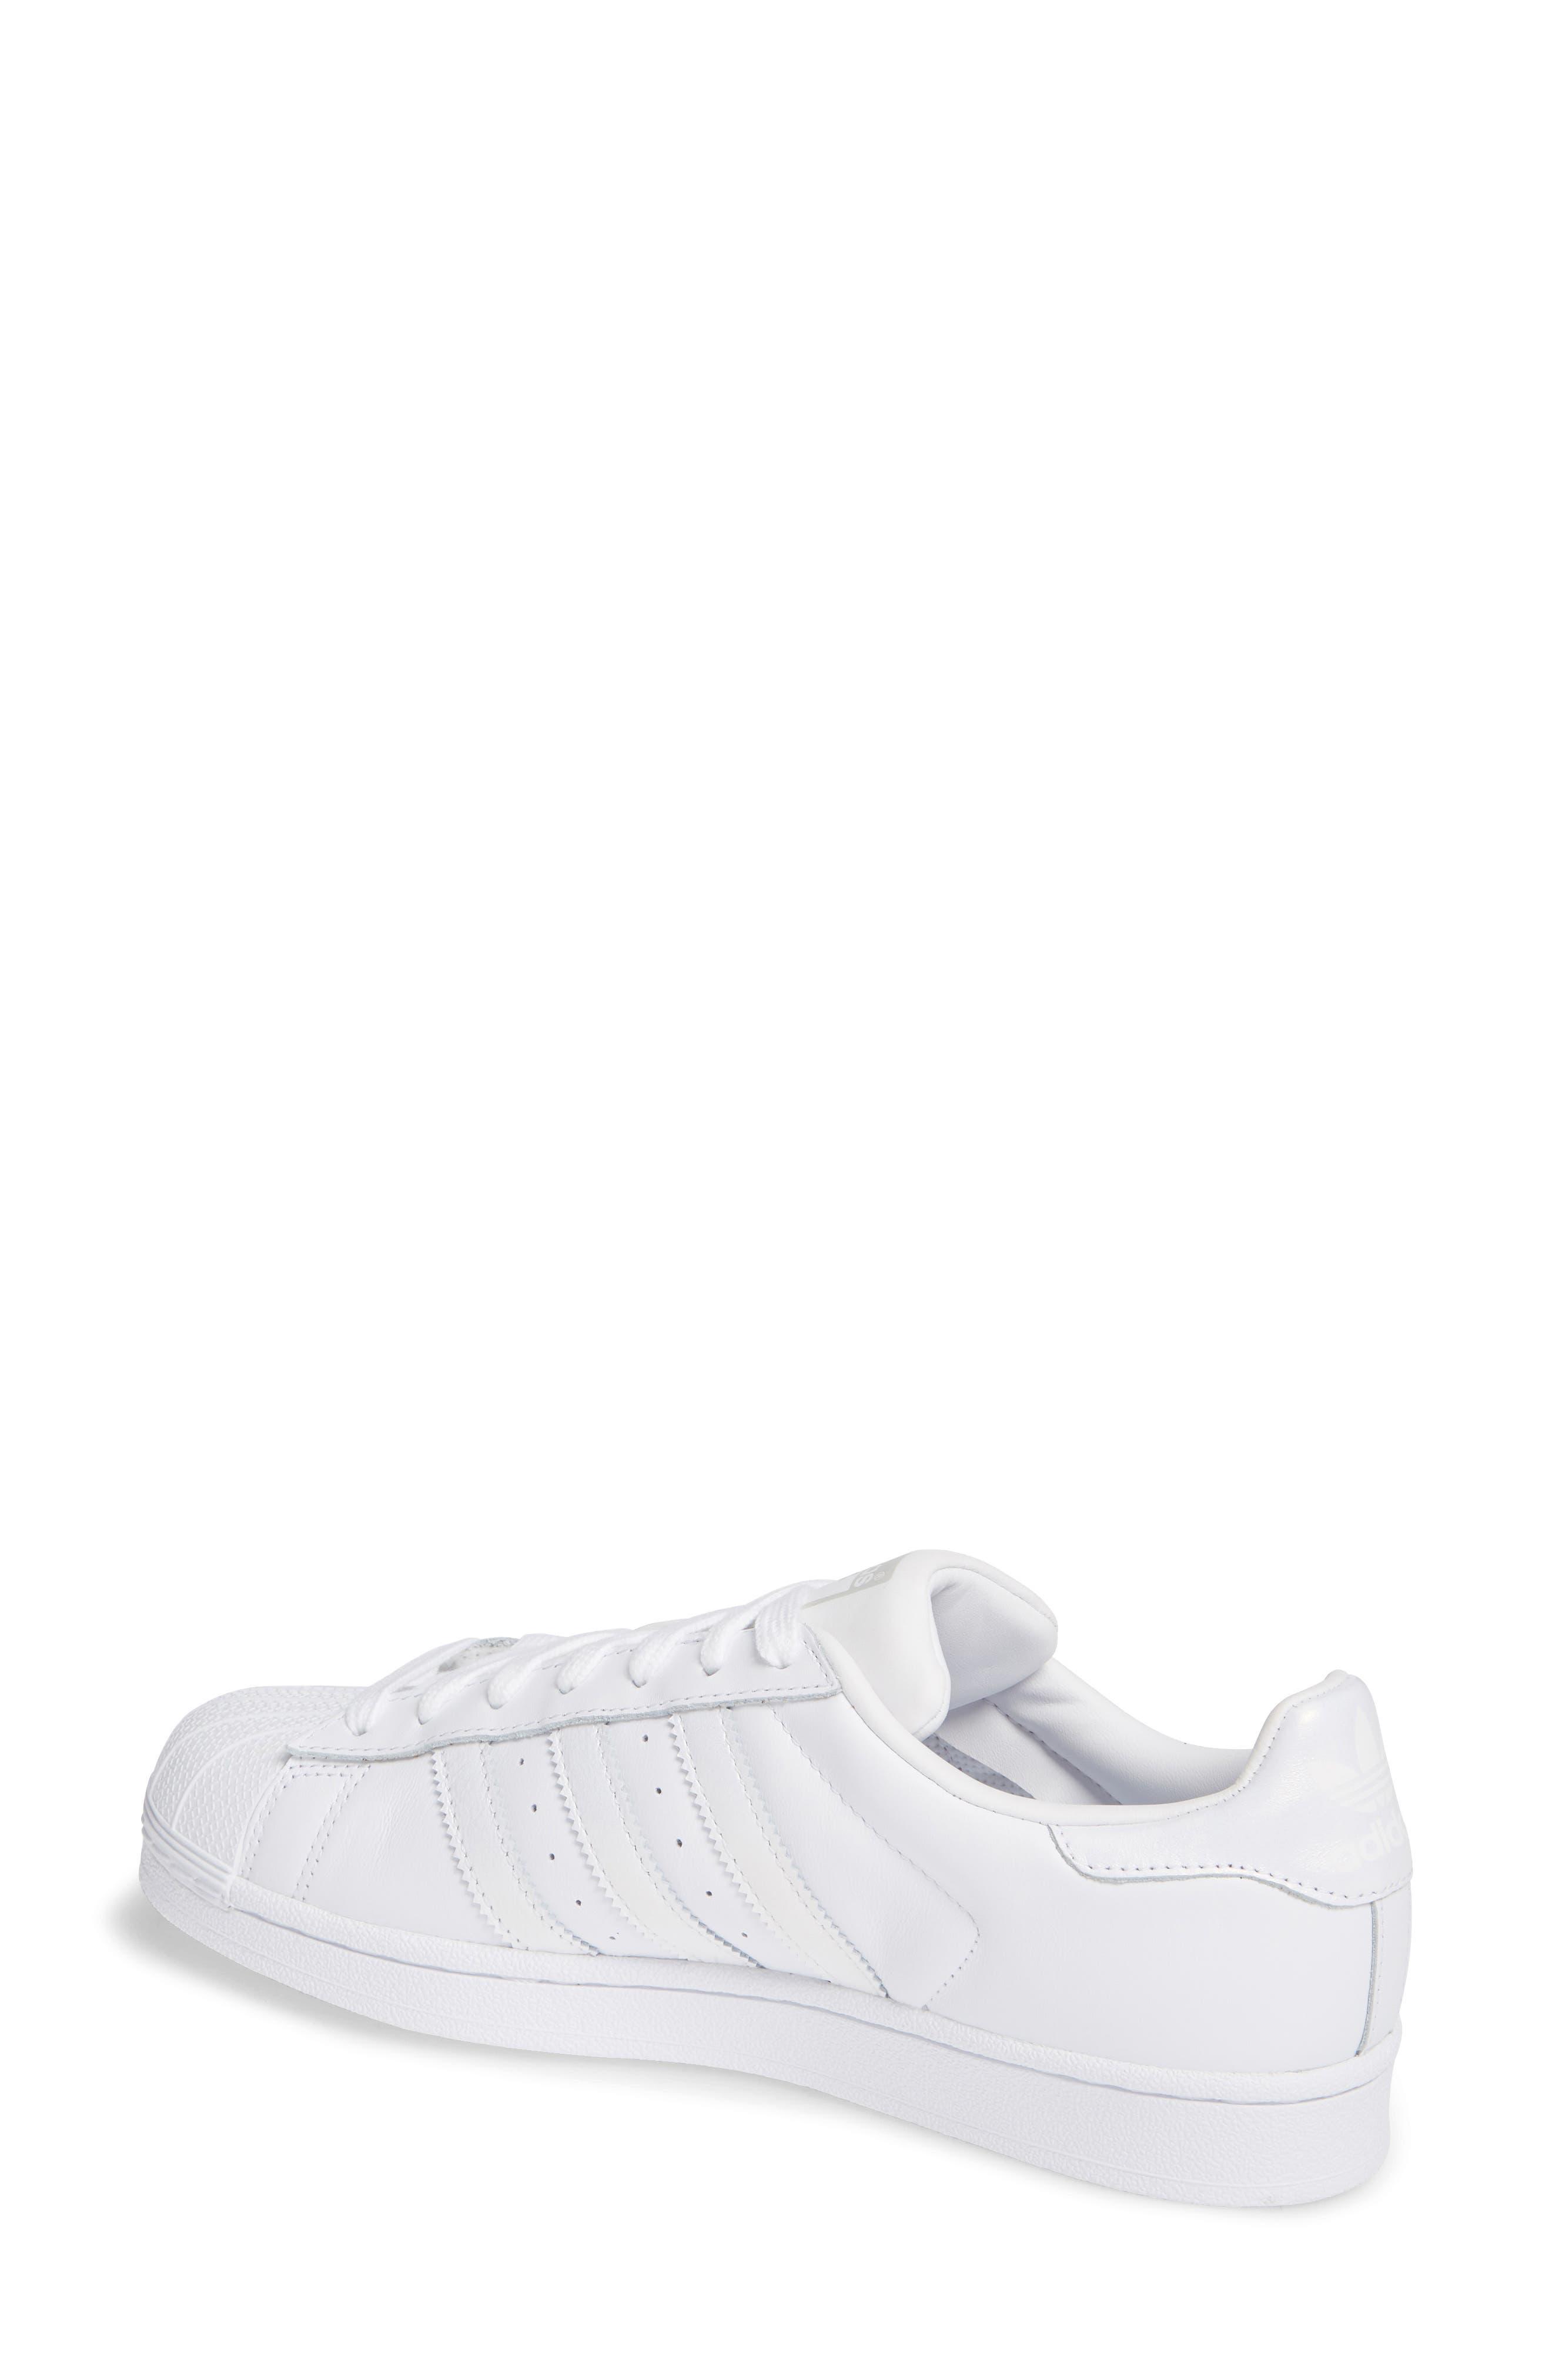 Superstar Sneaker,                             Alternate thumbnail 2, color,                             White/ White/ Grey One